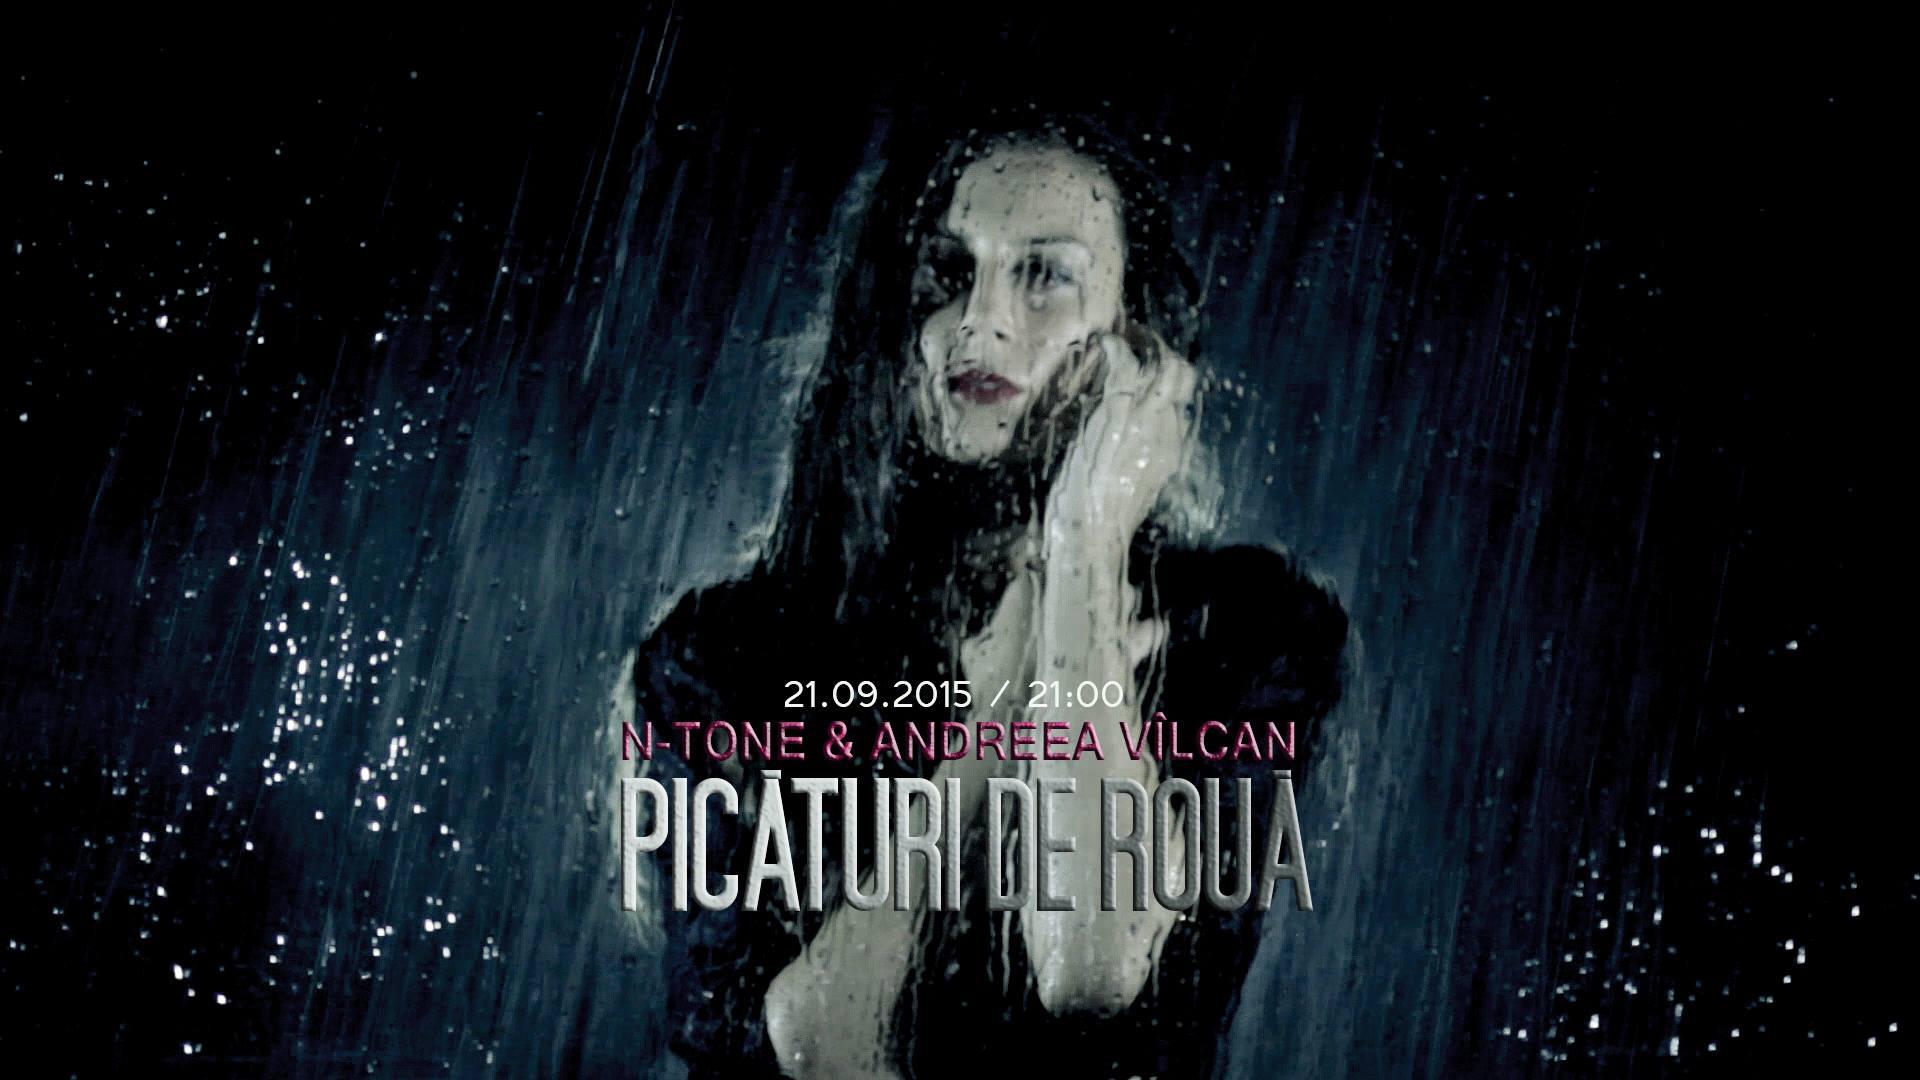 N-Tone & Andreea Vîlcan – Picături de rouă (Official Video)